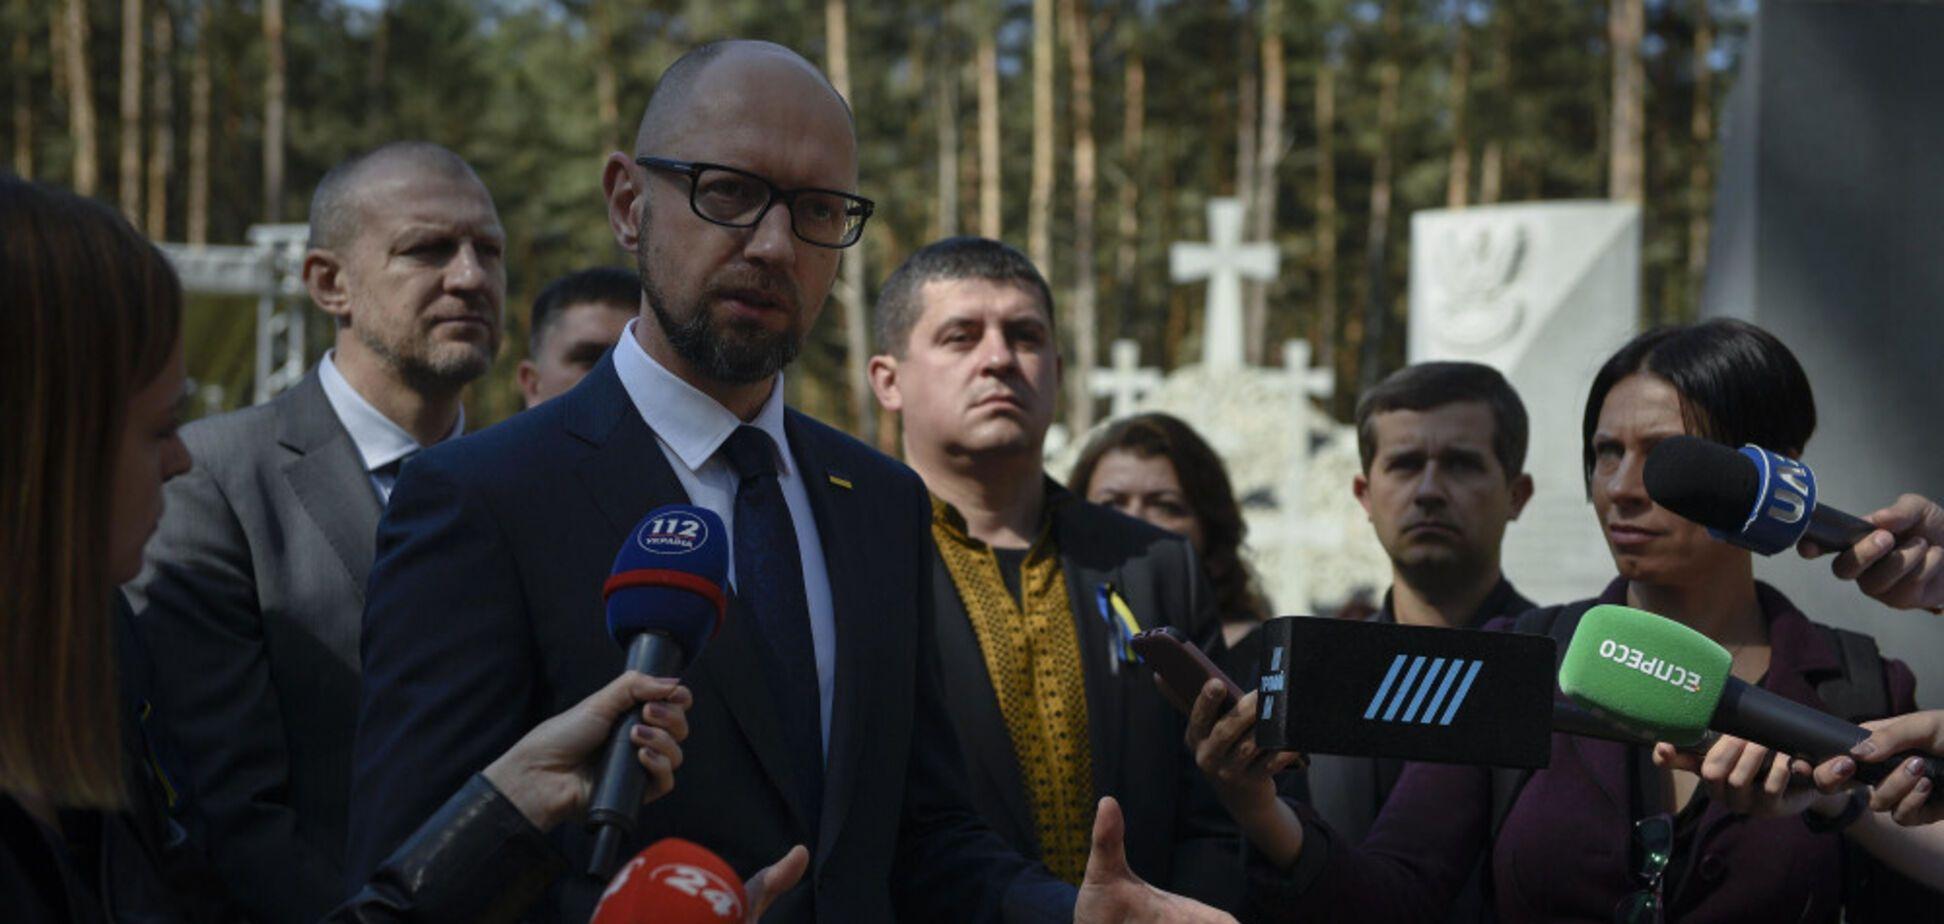 Очікуємо, що Зеленський представить свій порядок денний для країни — Яценюк